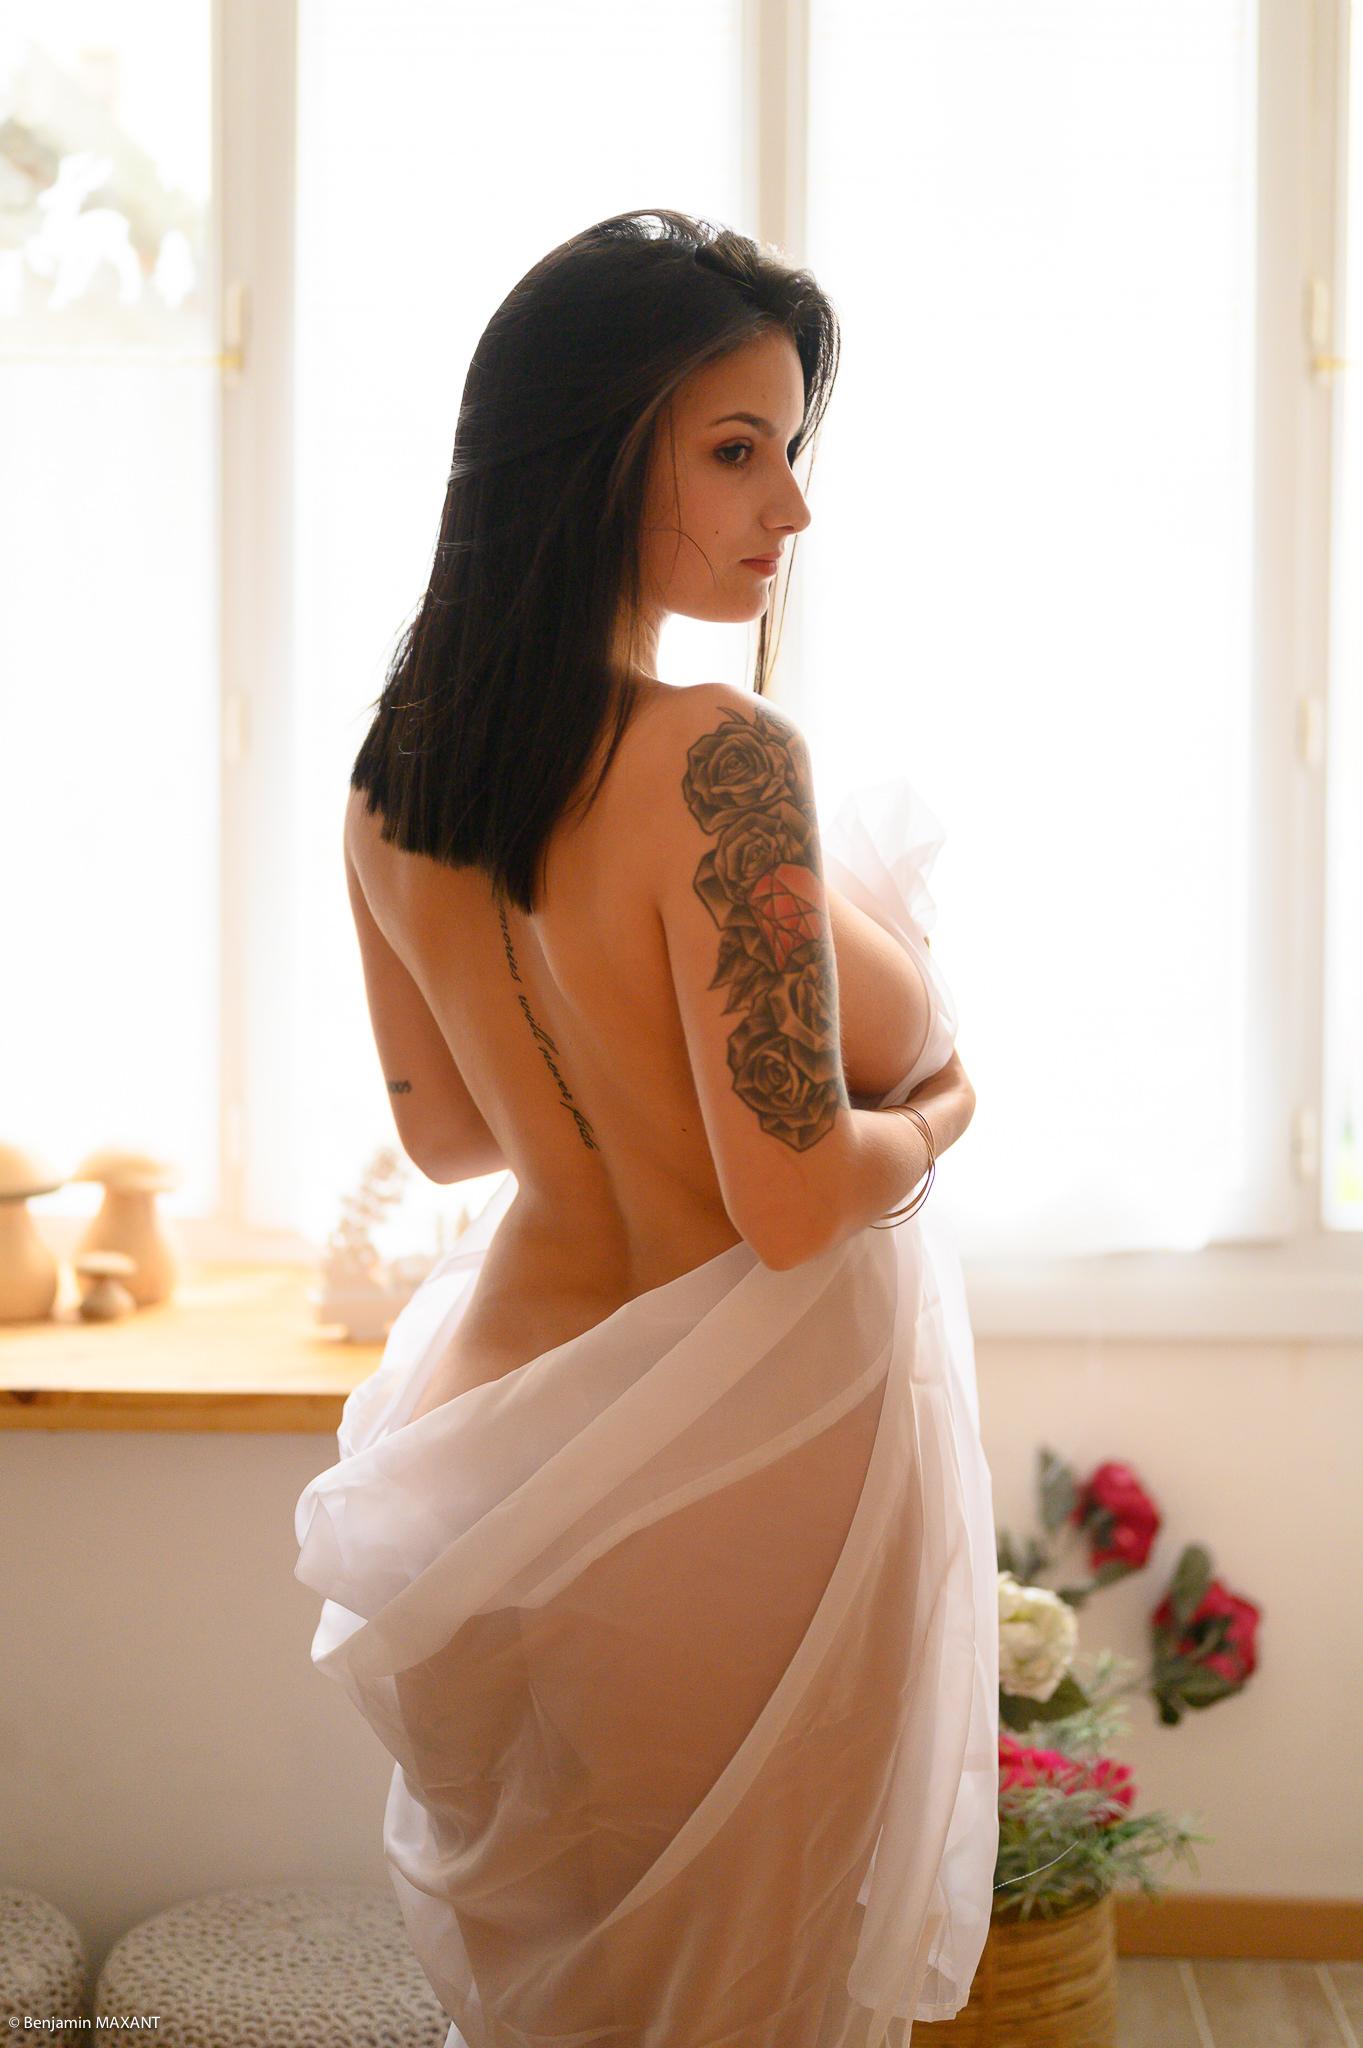 Séance photo boudoir Cléa nue de dos avec le voile blanc